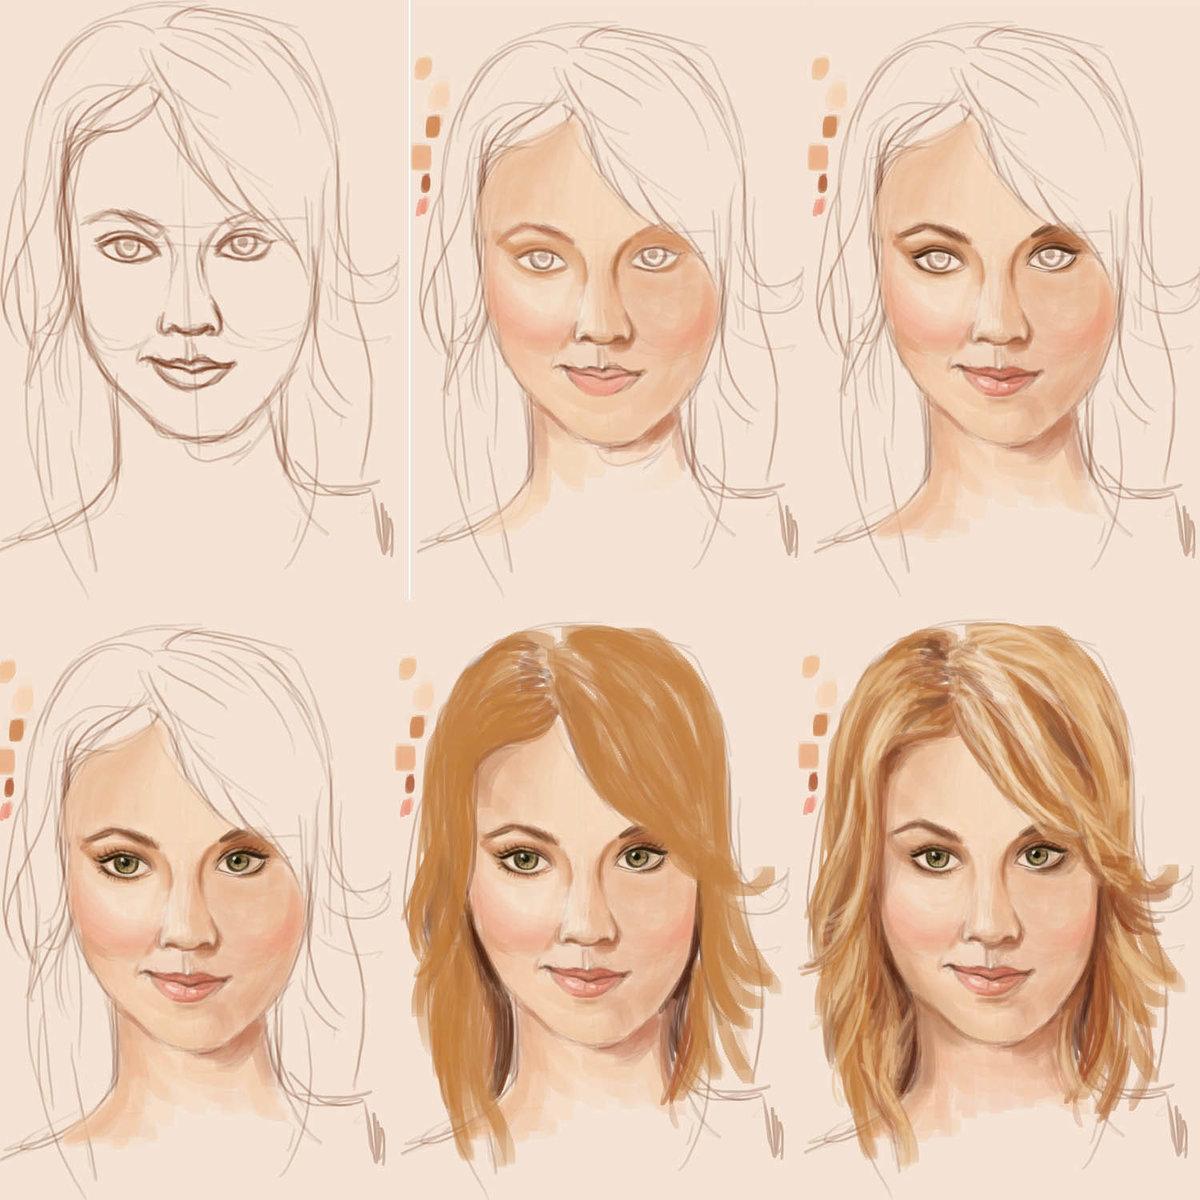 картинки как рисовать людей портрет поэтапно них жадно ждали